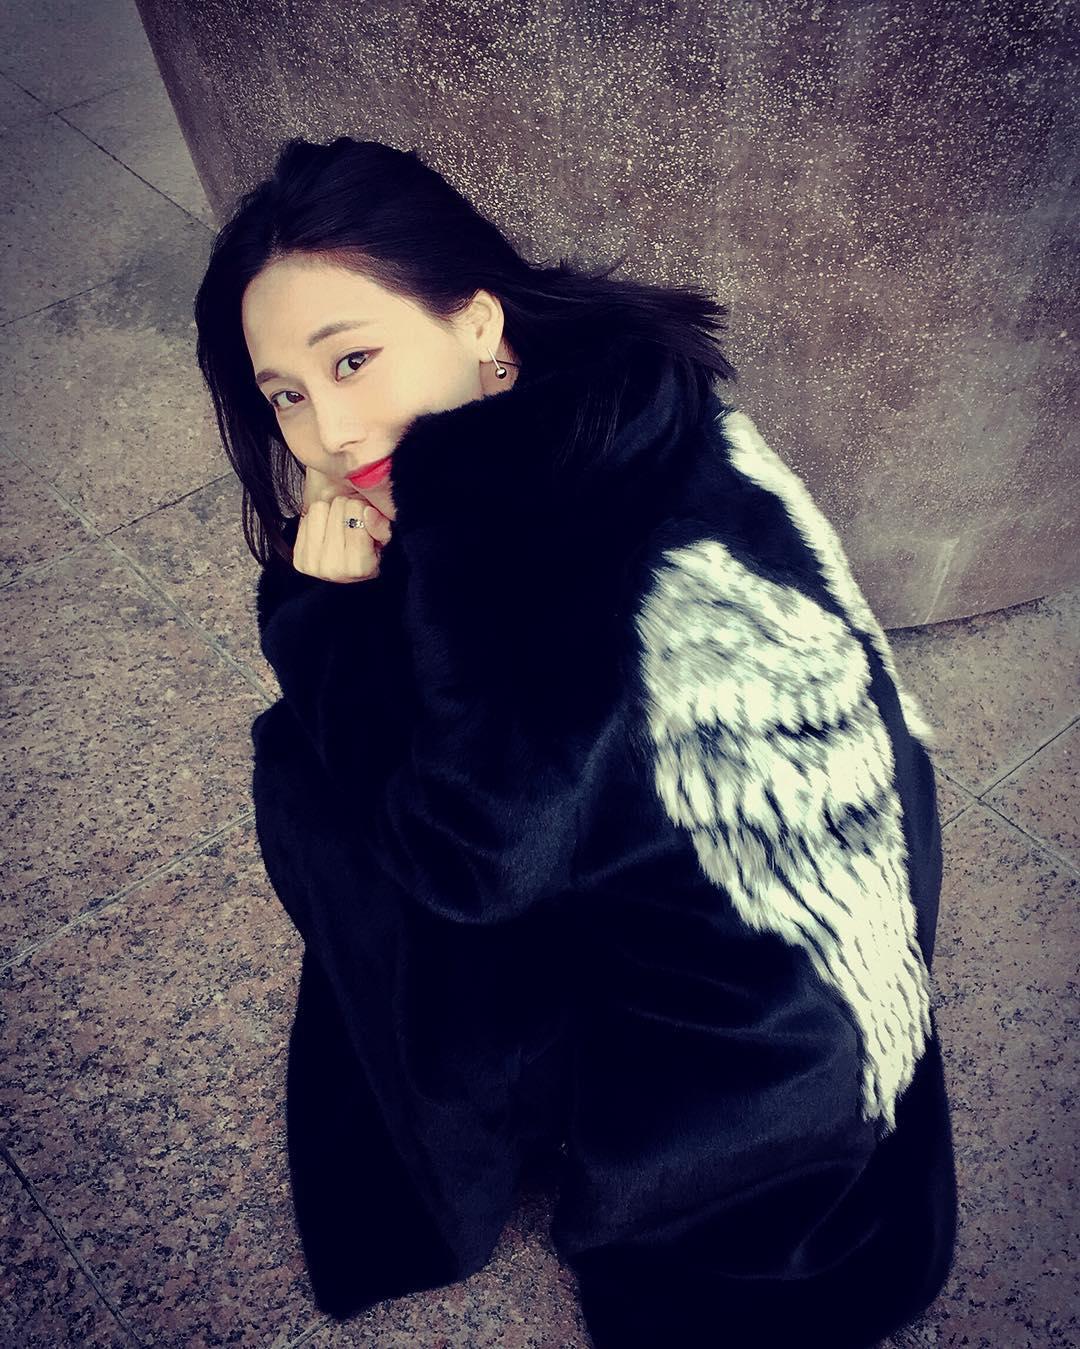 [新闻]161110 挥着翅膀的王霏霏:请叫我天使!